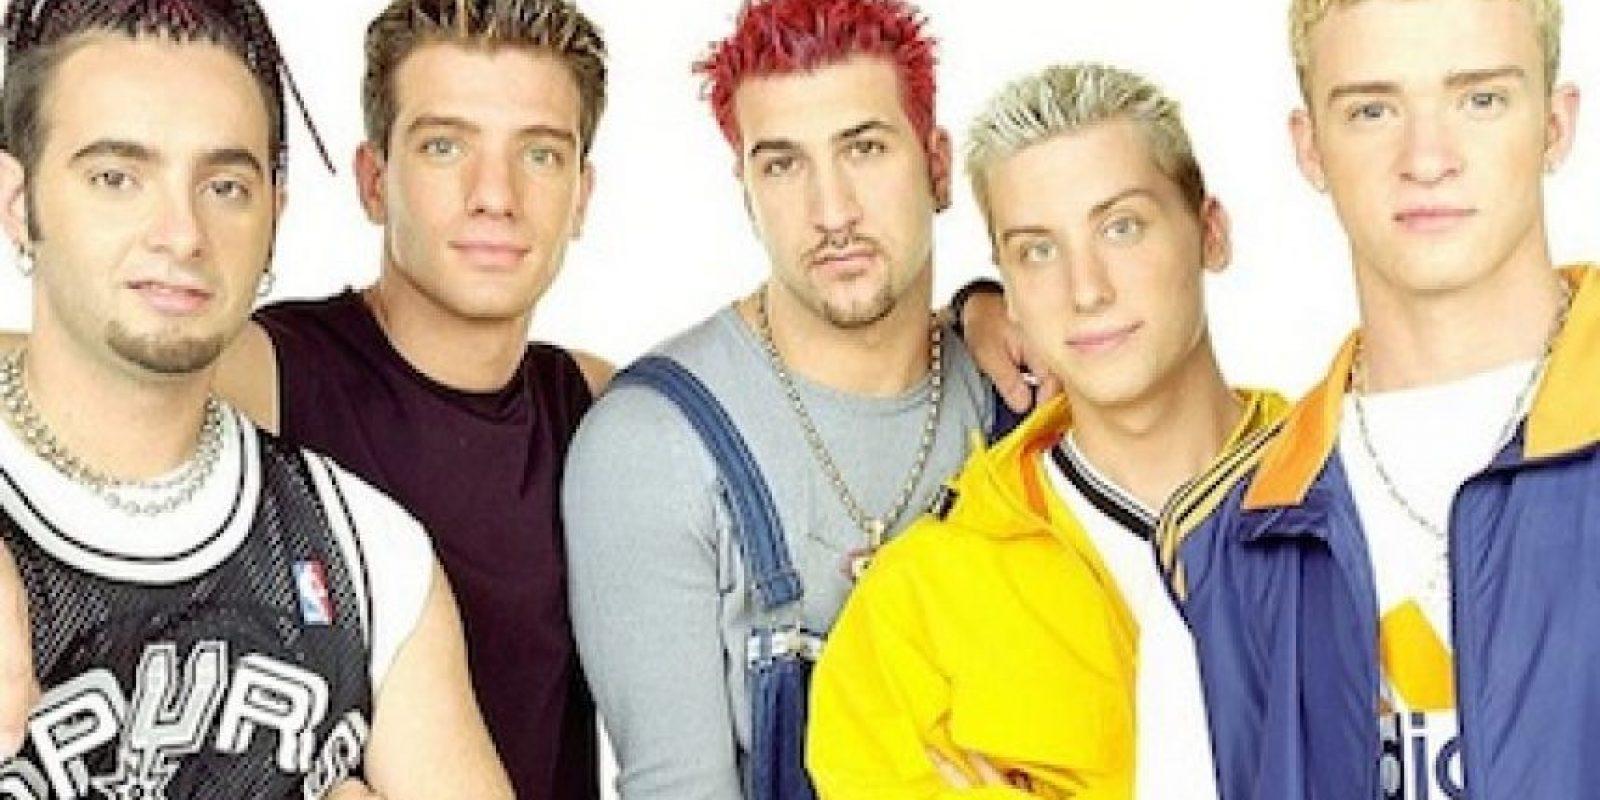 En 1995 fue invitado por Lou Pearlman y su amigo Justin Timberlake para formar parte del grupo *N Sync. Foto:Facebook/*NSync